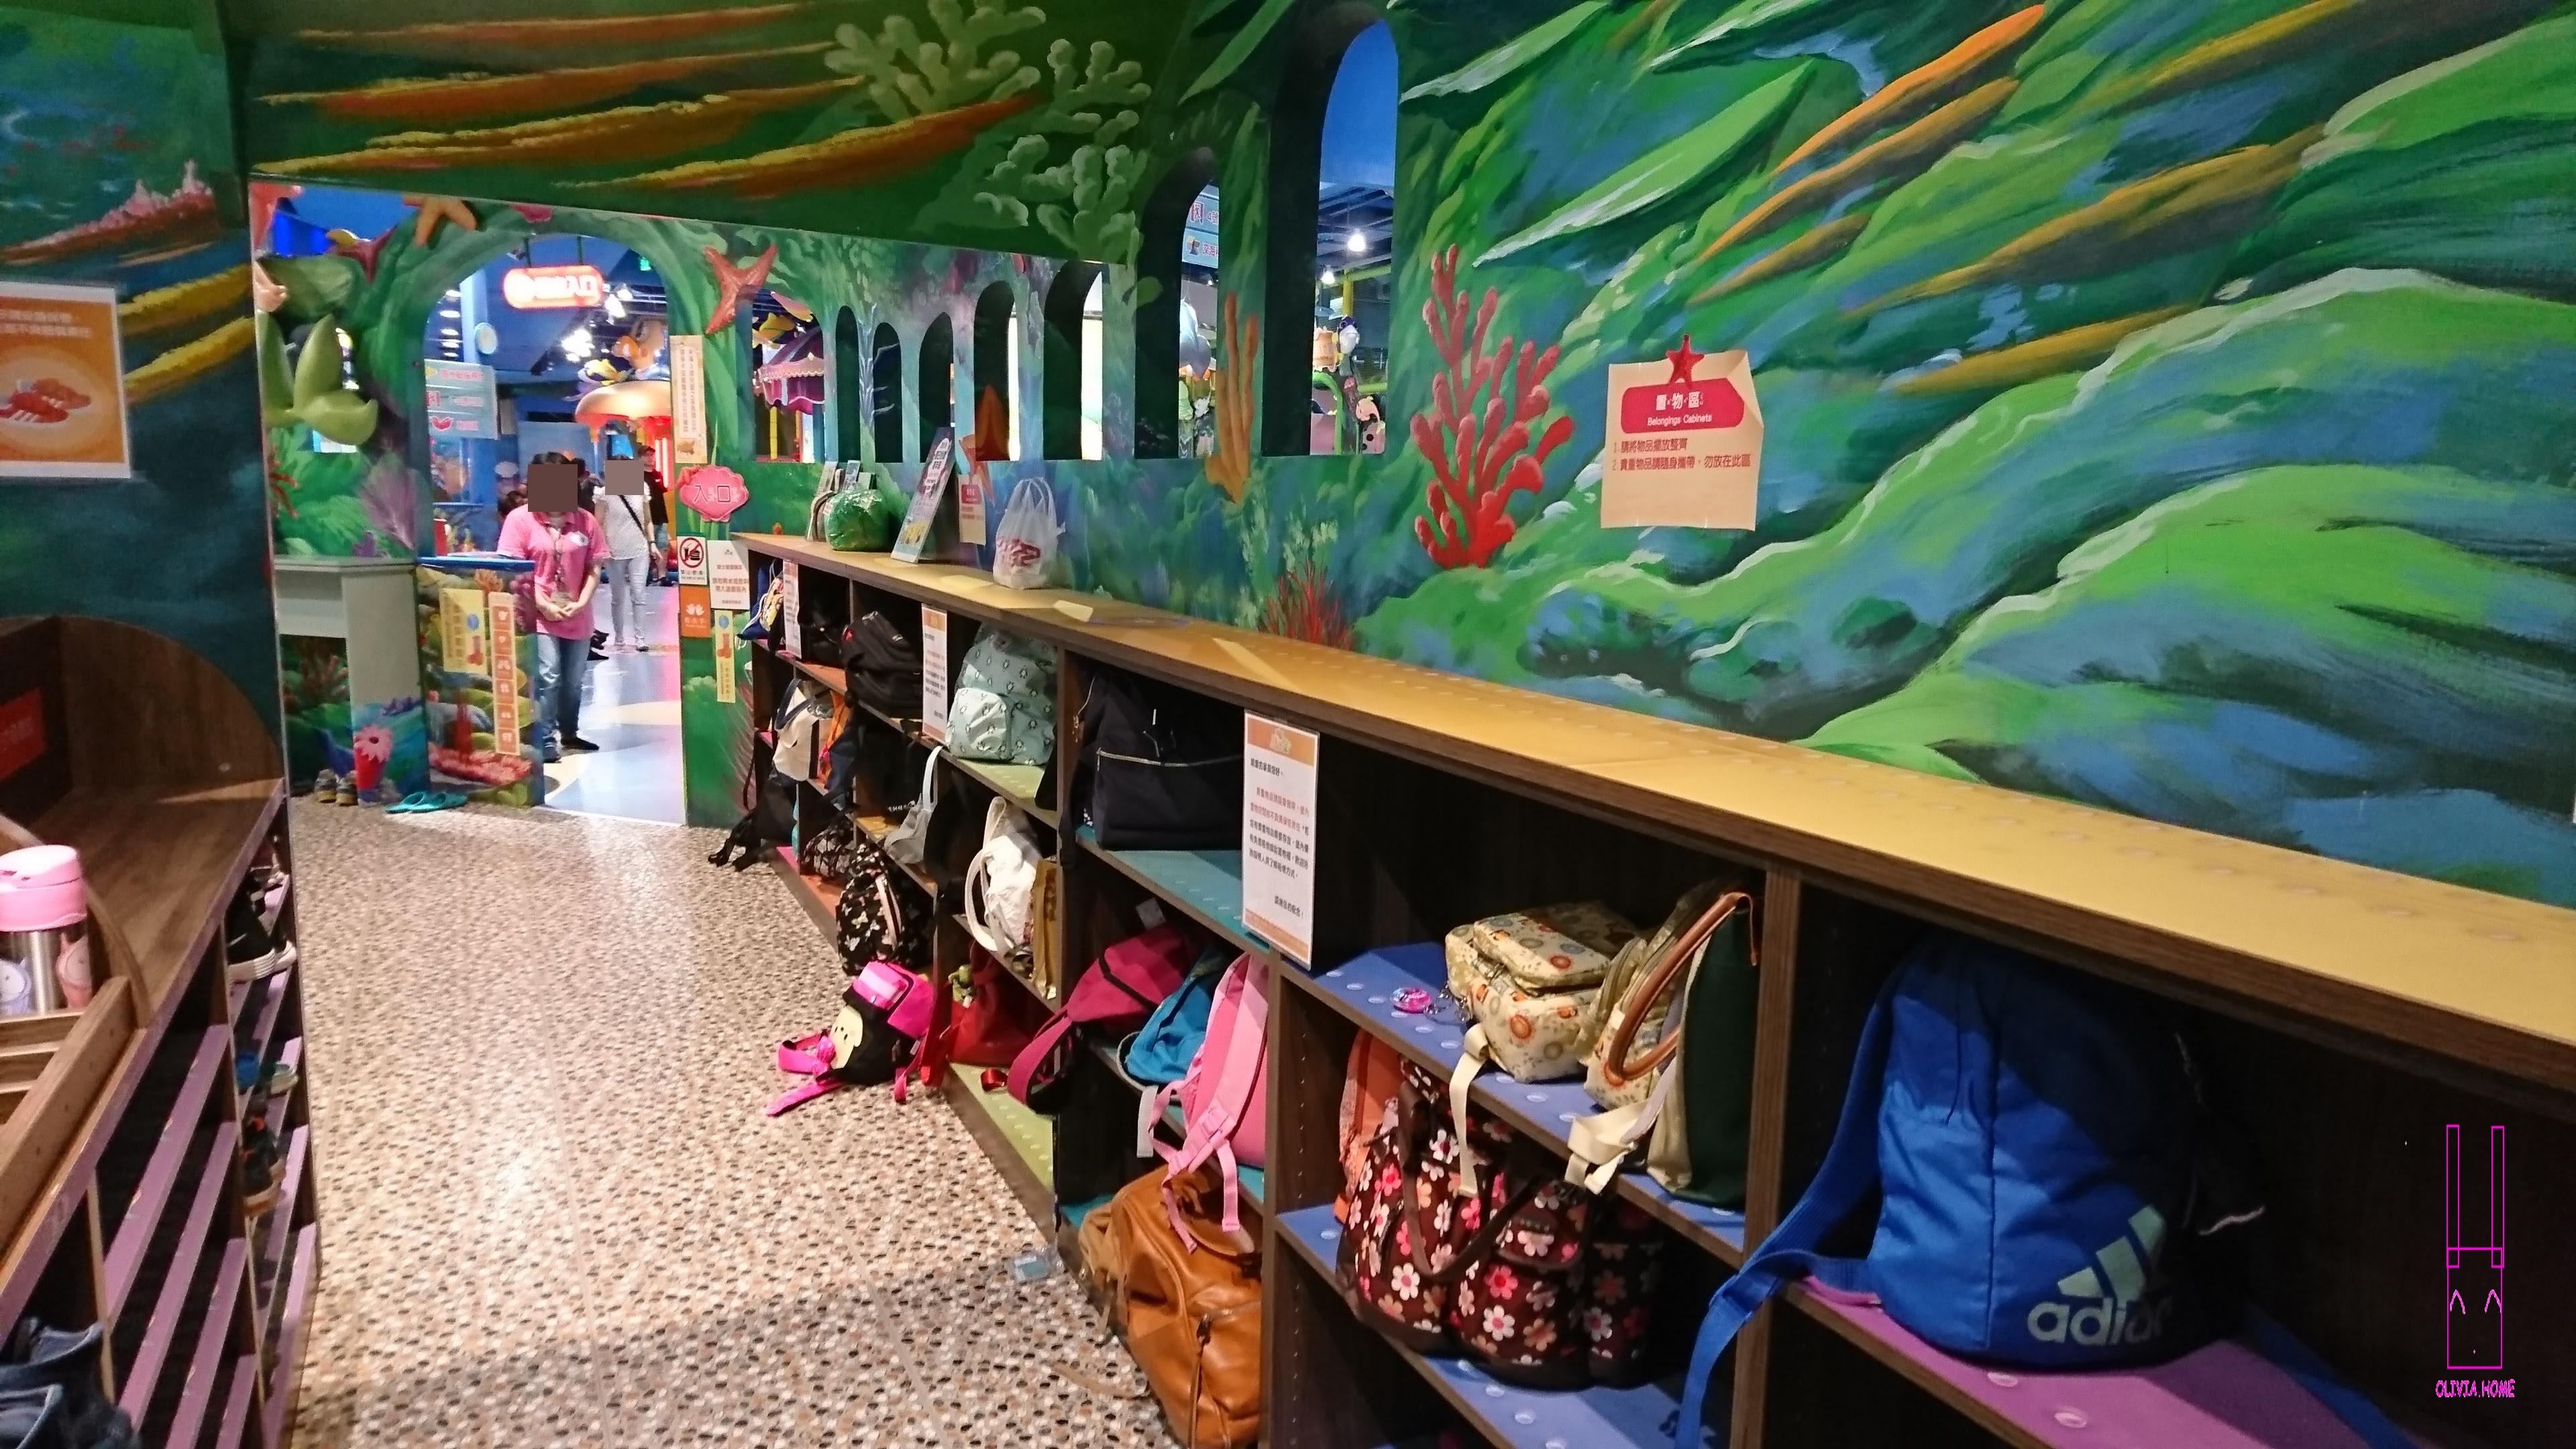 【親子館系列】臺北京華城-騎士堡小美人魚的家之玩樂心得 – Olivia.home